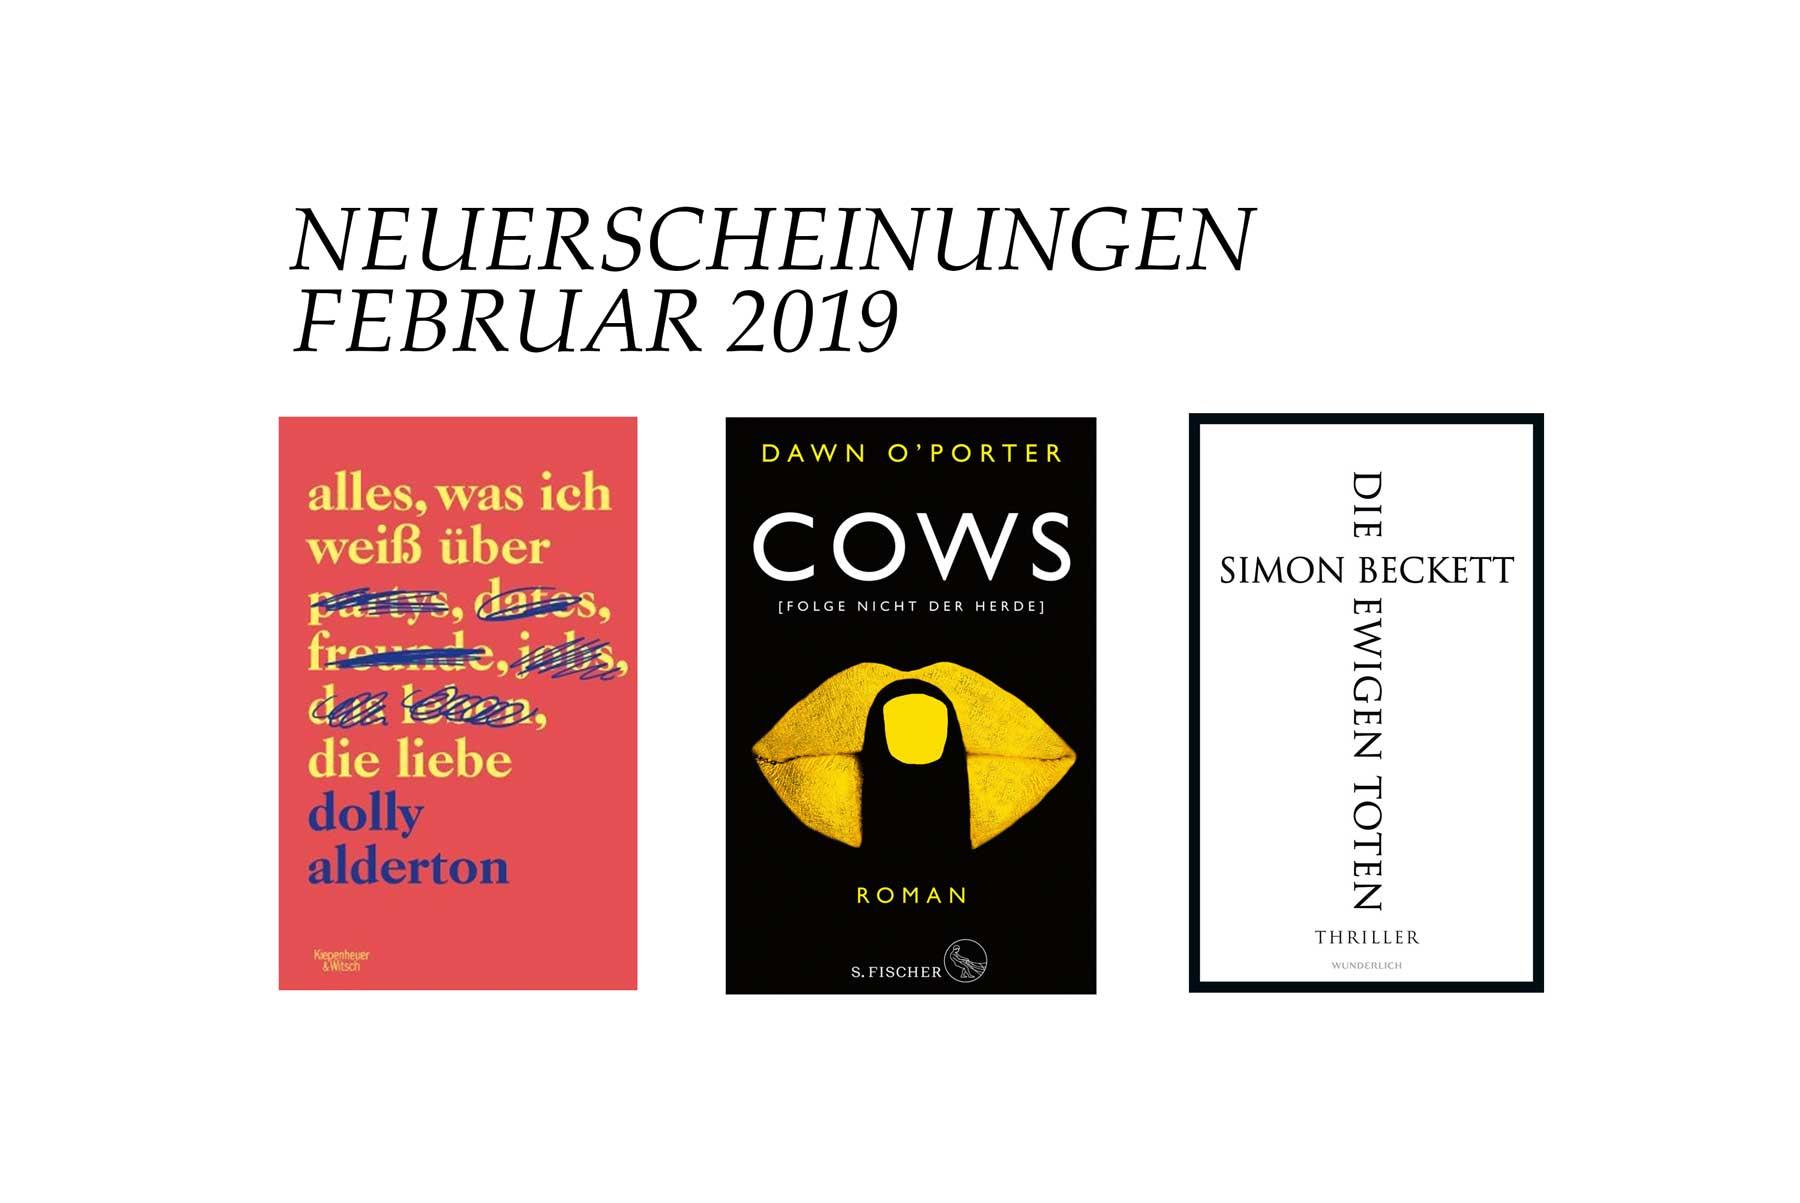 neuerscheinungen-im-februar-2019-schonhalbelf-buchblog-buchneuerscheinungen-novitaeten